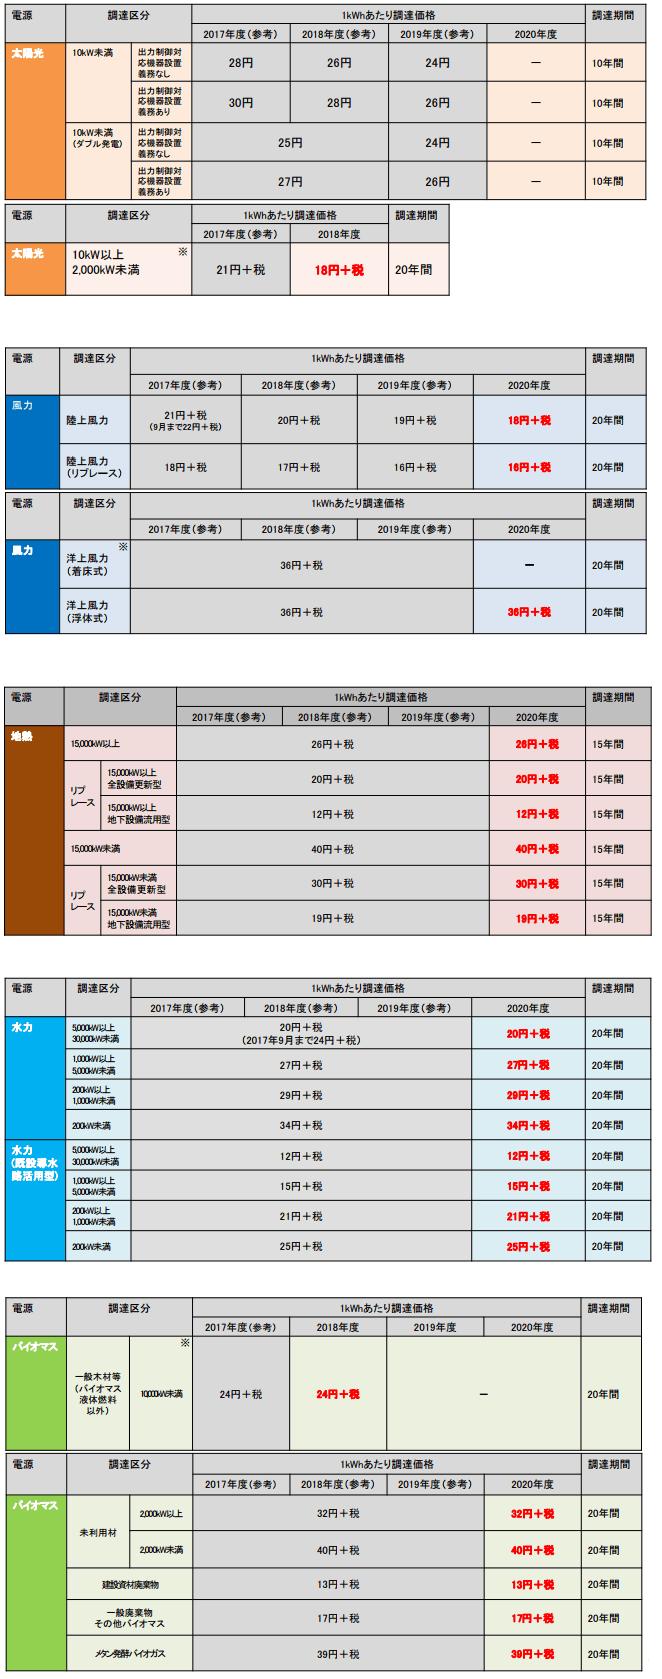 2018年度以降の調達価格及び調達期間についての委員長案